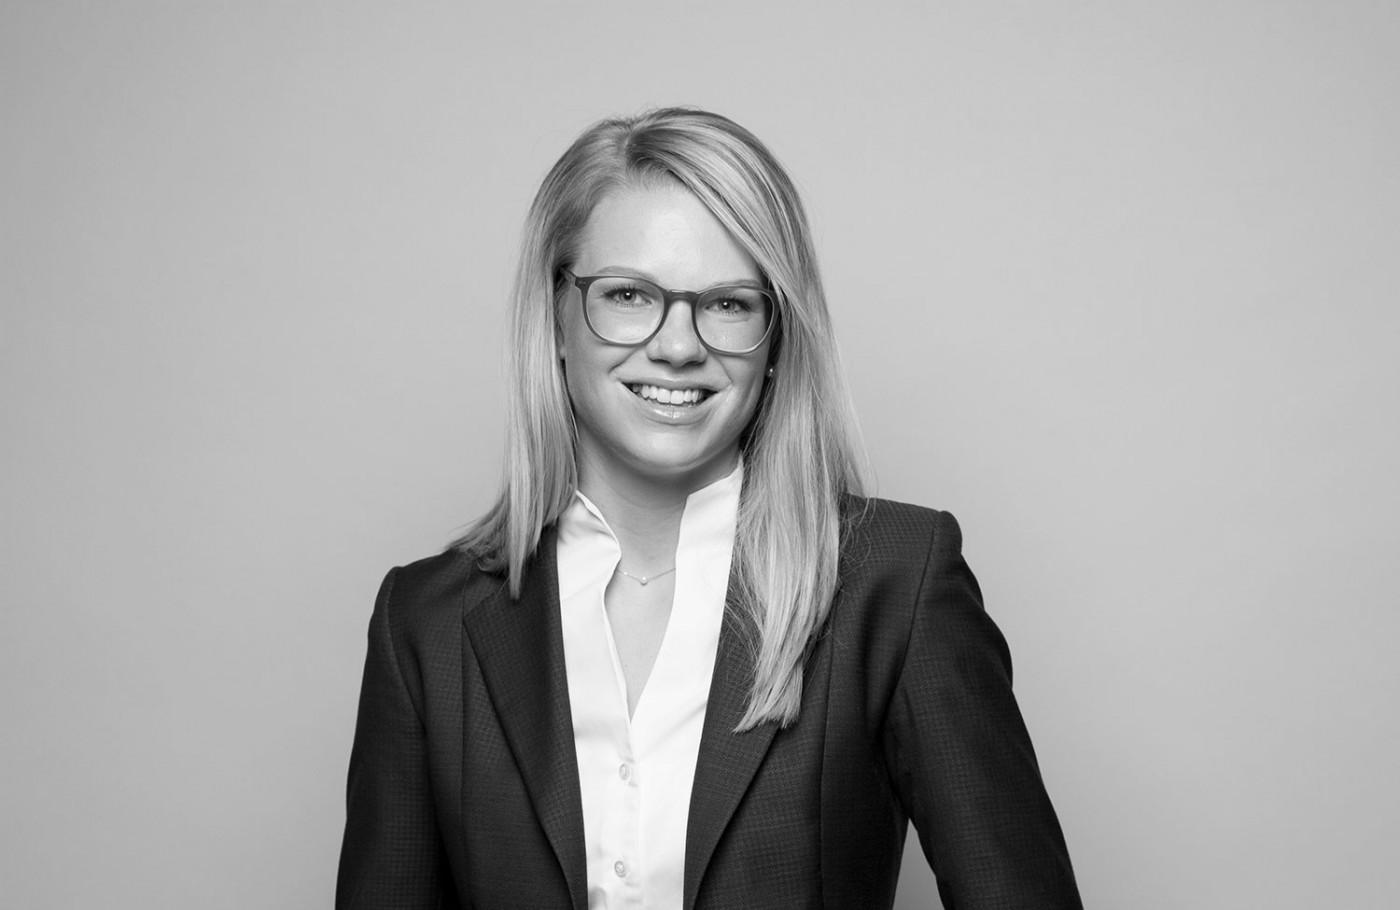 Einstieg als Berater – Anna-Lena Kuhlmann